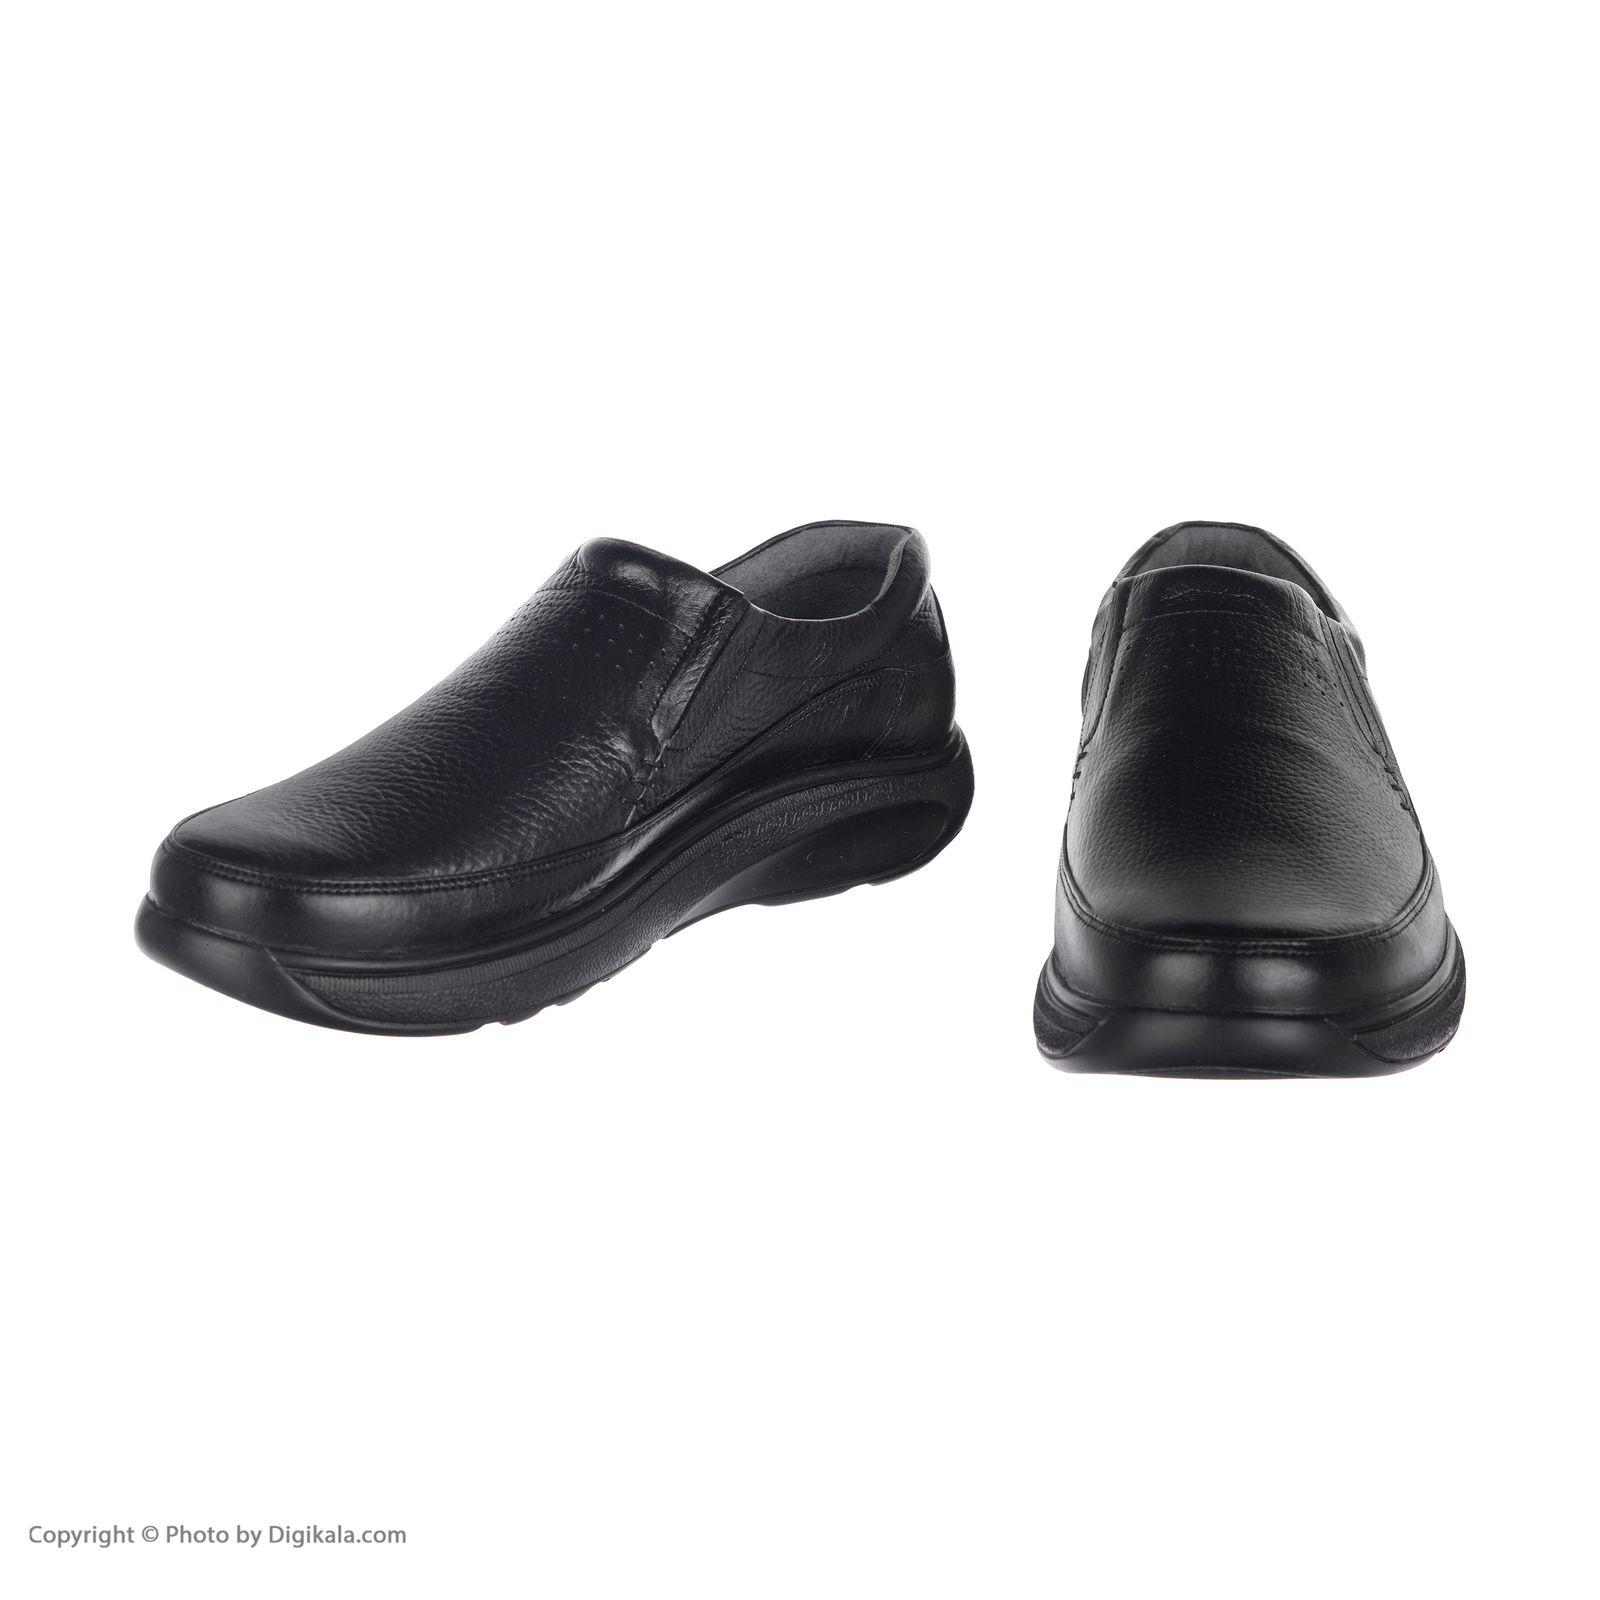 کفش روزمره مردانه دانادل مدل 8605A503101 -  - 5